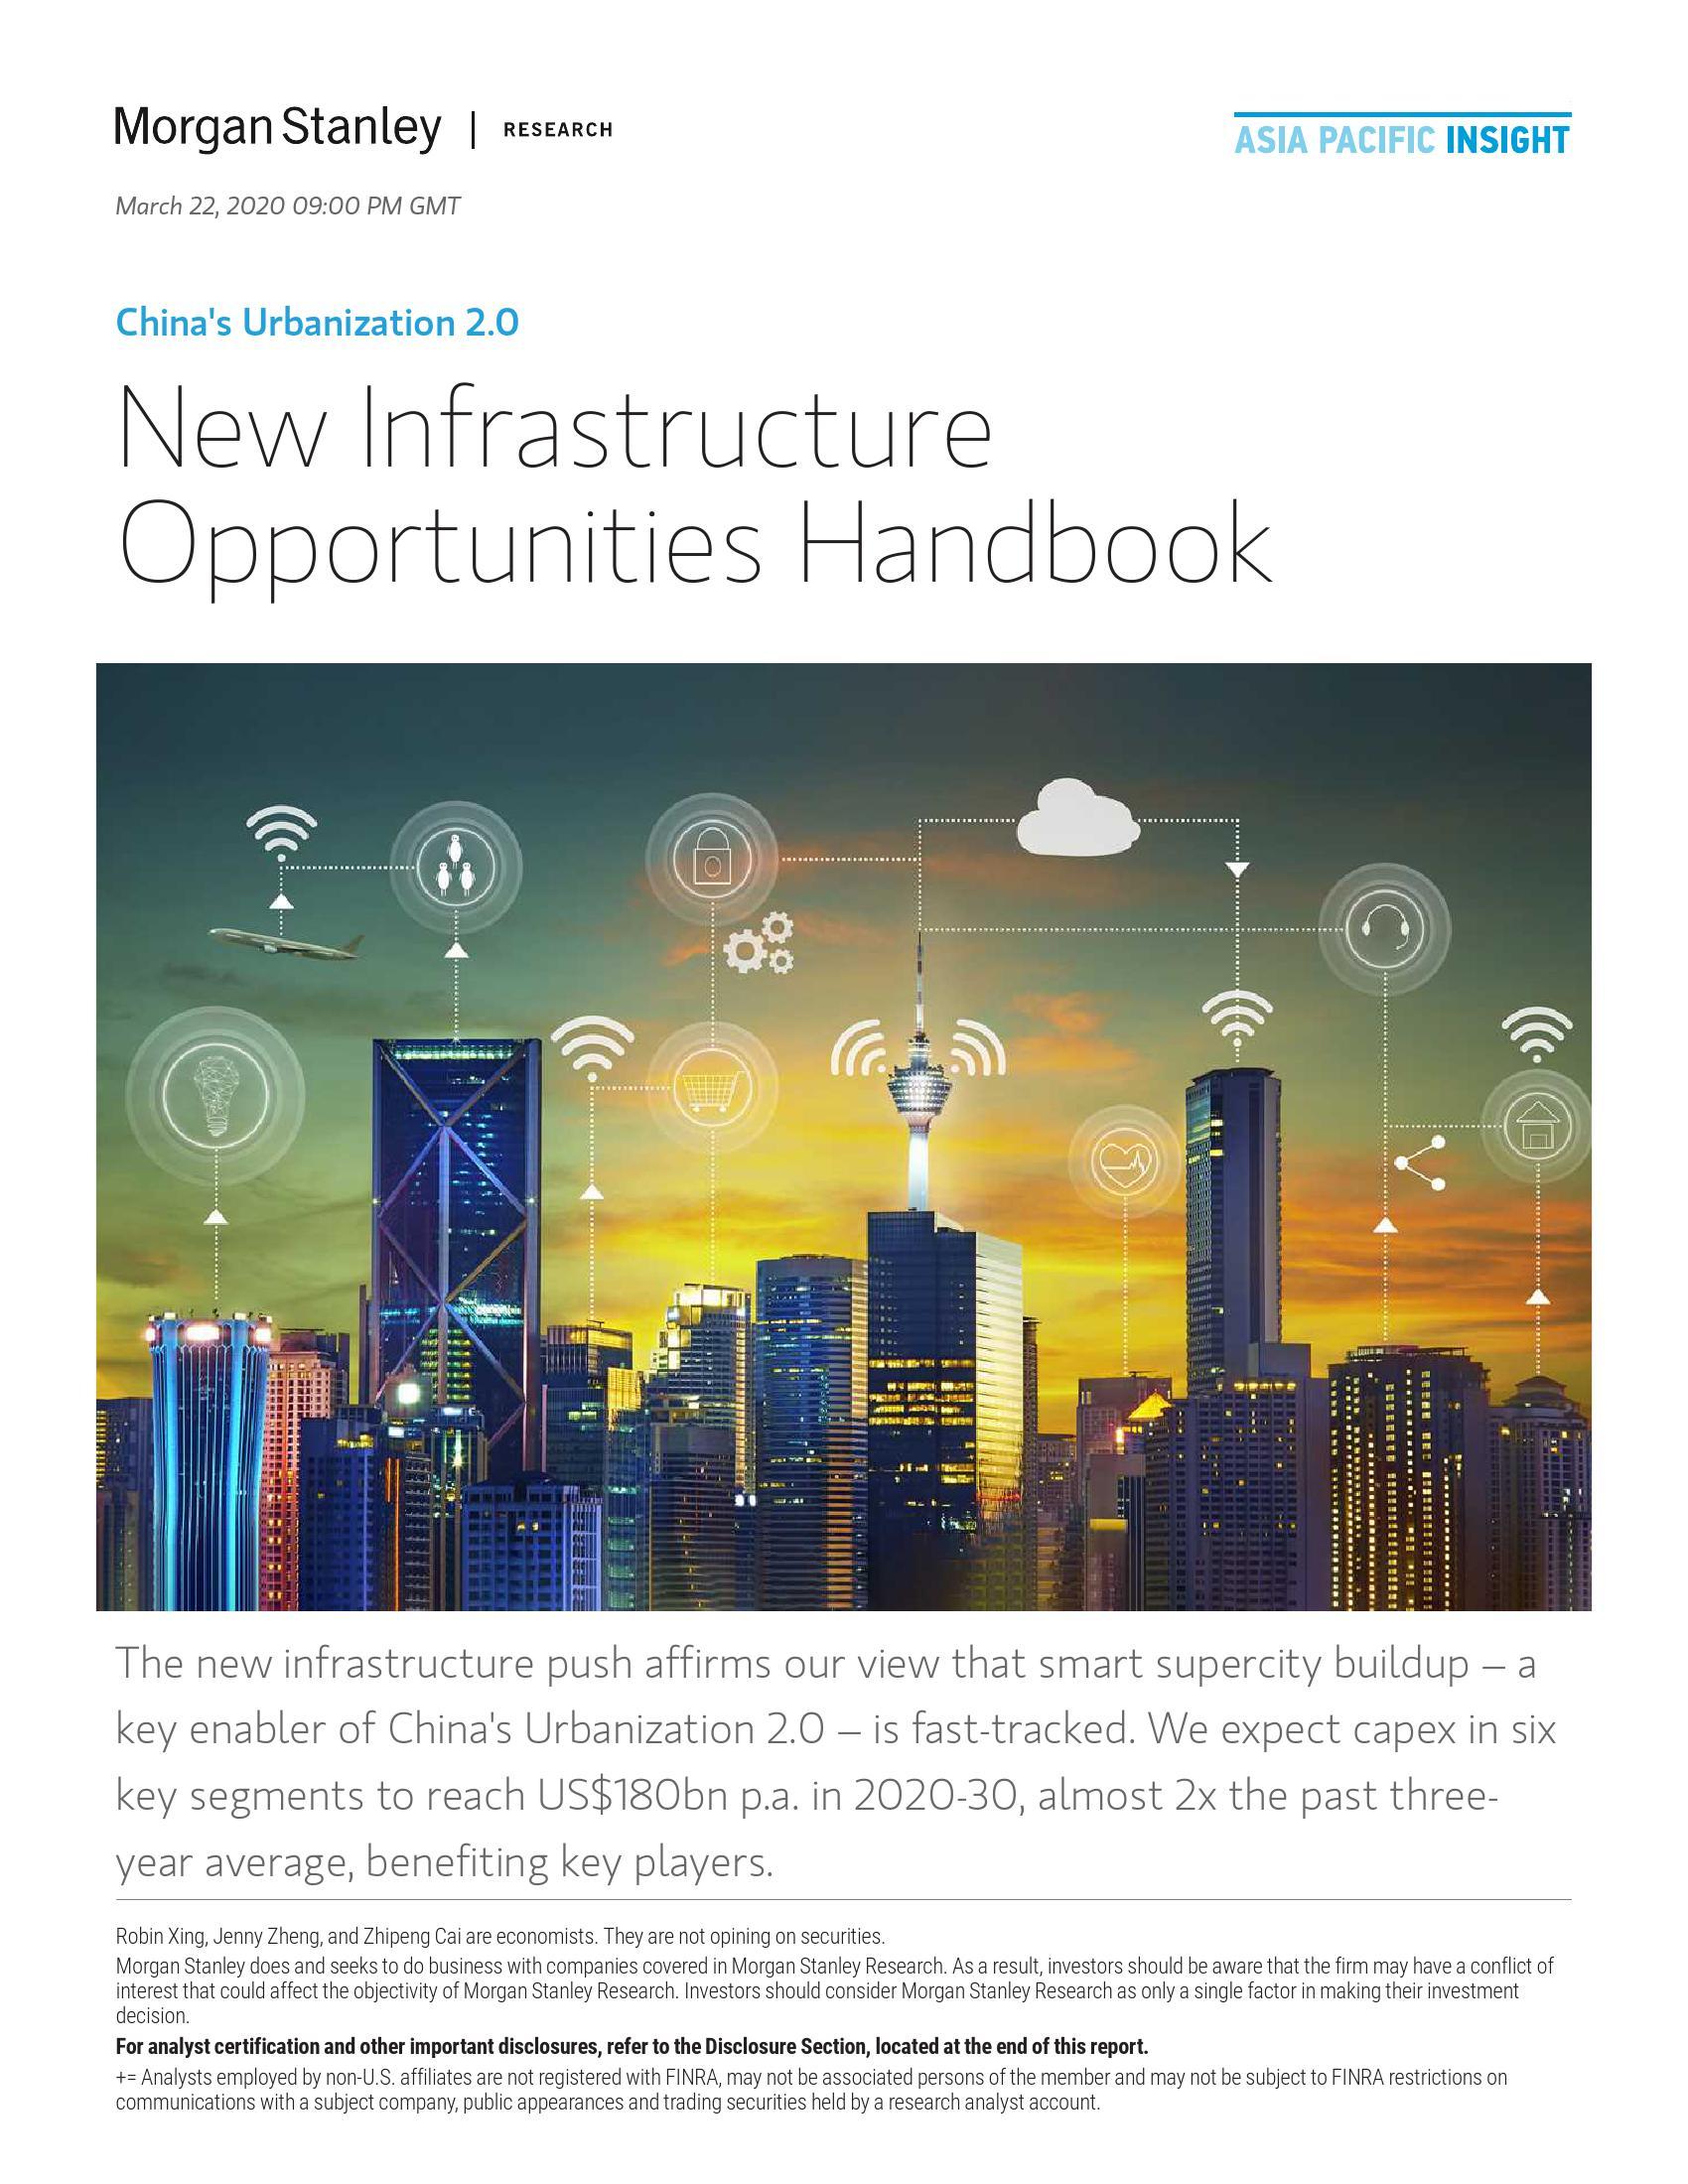 中国城市化2.0:新基建机会手册